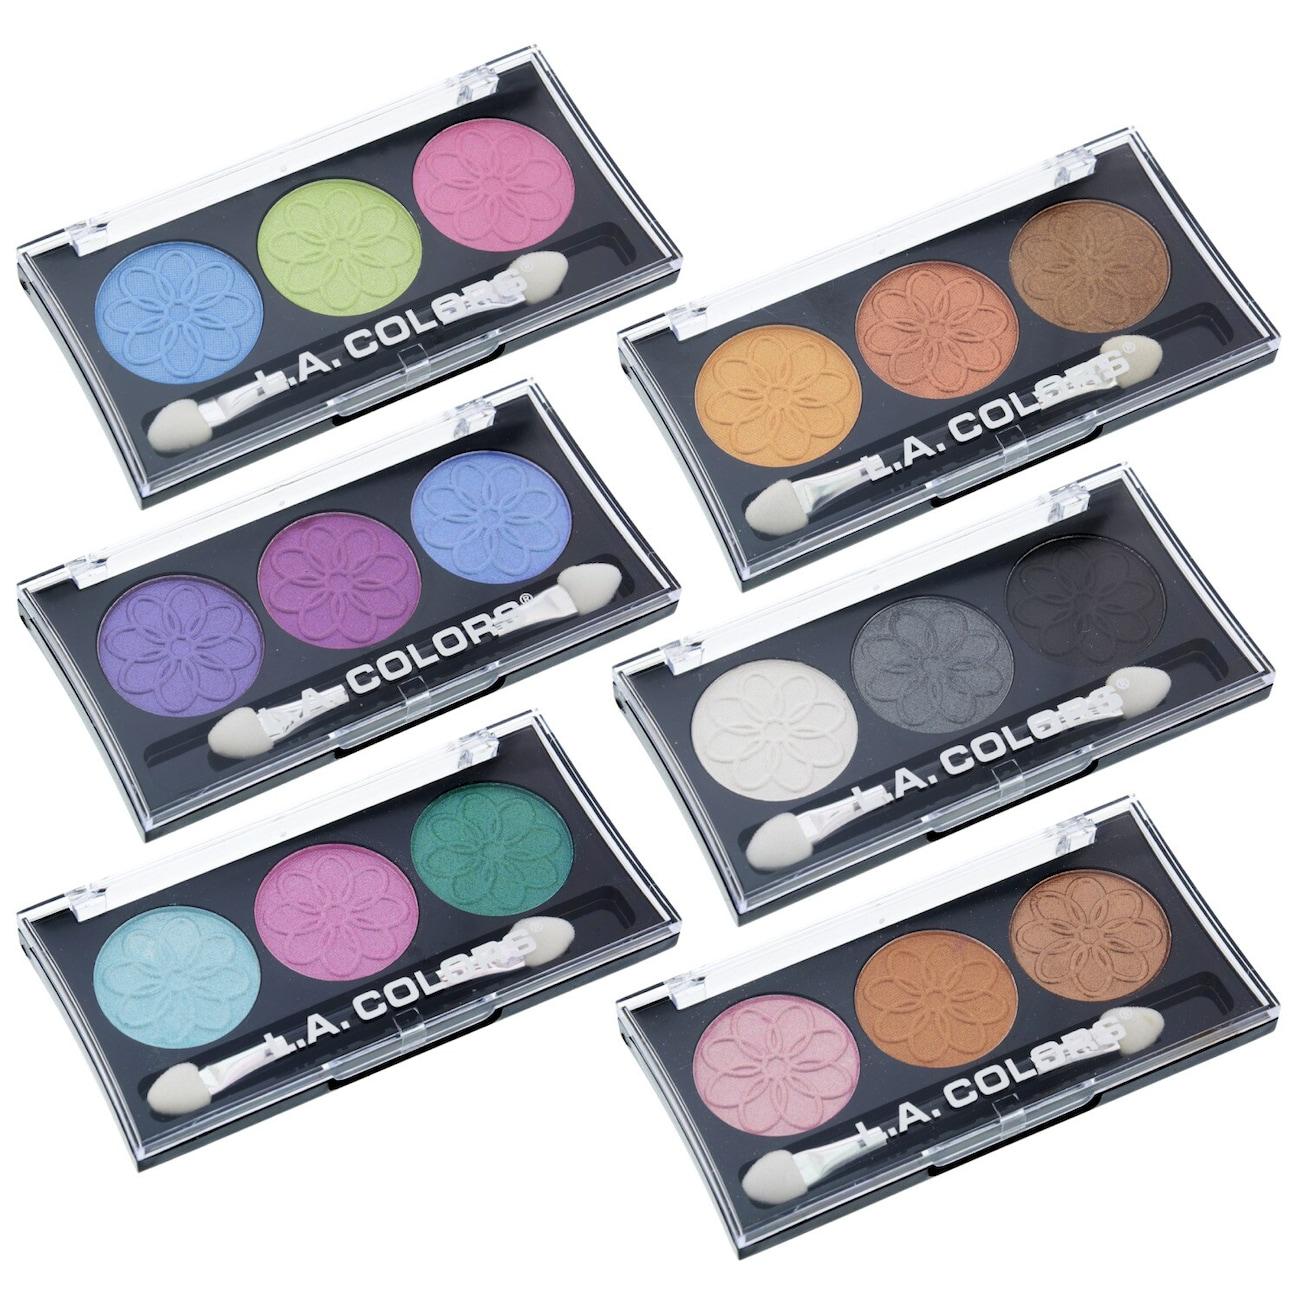 La Colors Dollar Tree Inc 5 Color Matte Eyeshadow Palette Professional Series 3 Palettes